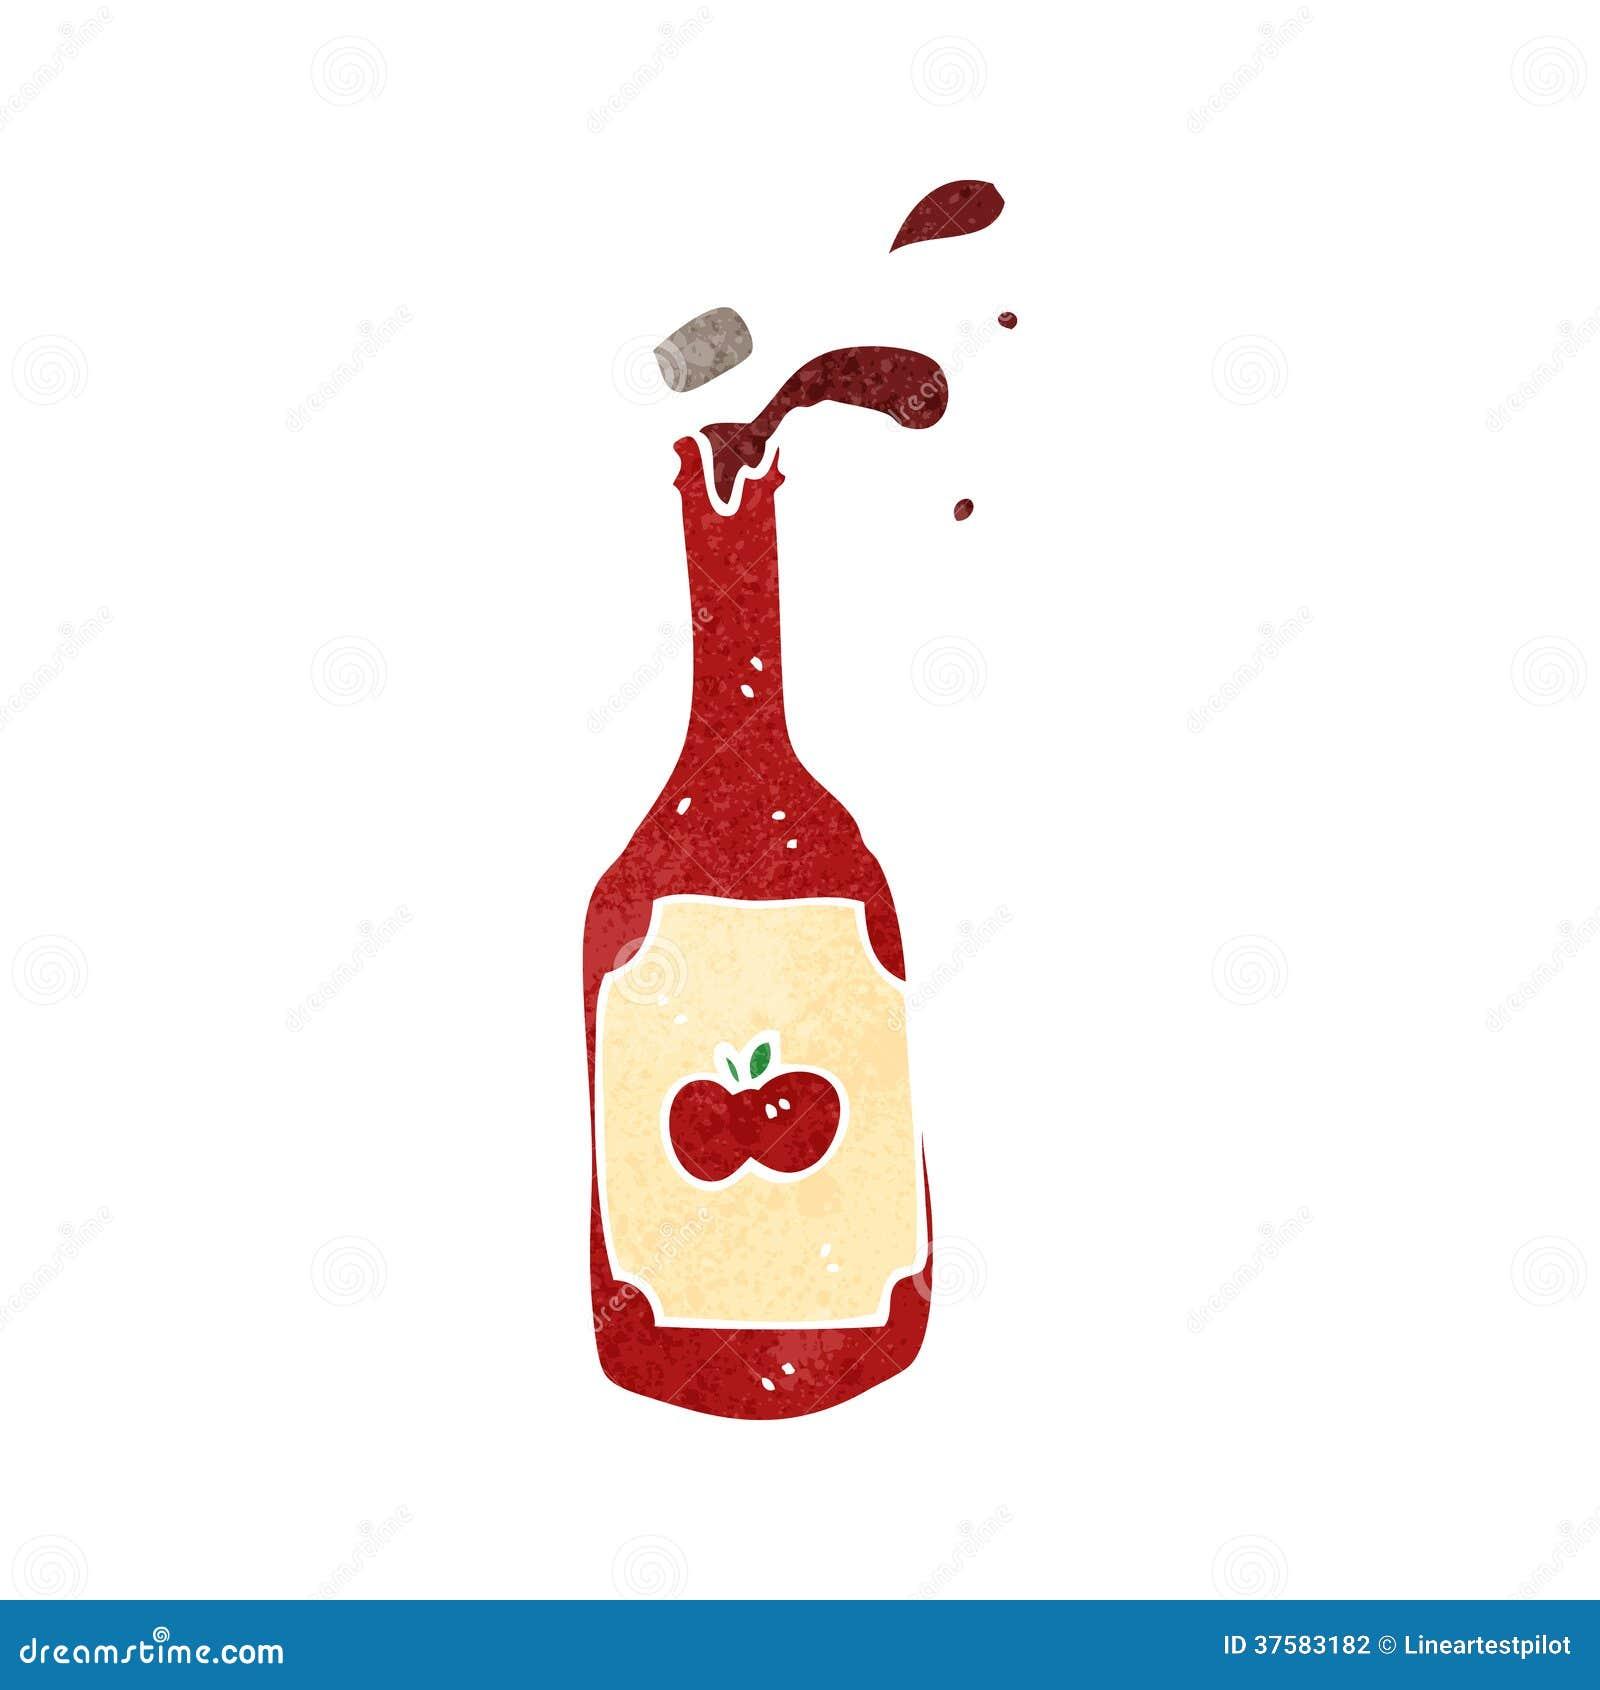 减速火箭的动画片番茄酱图片